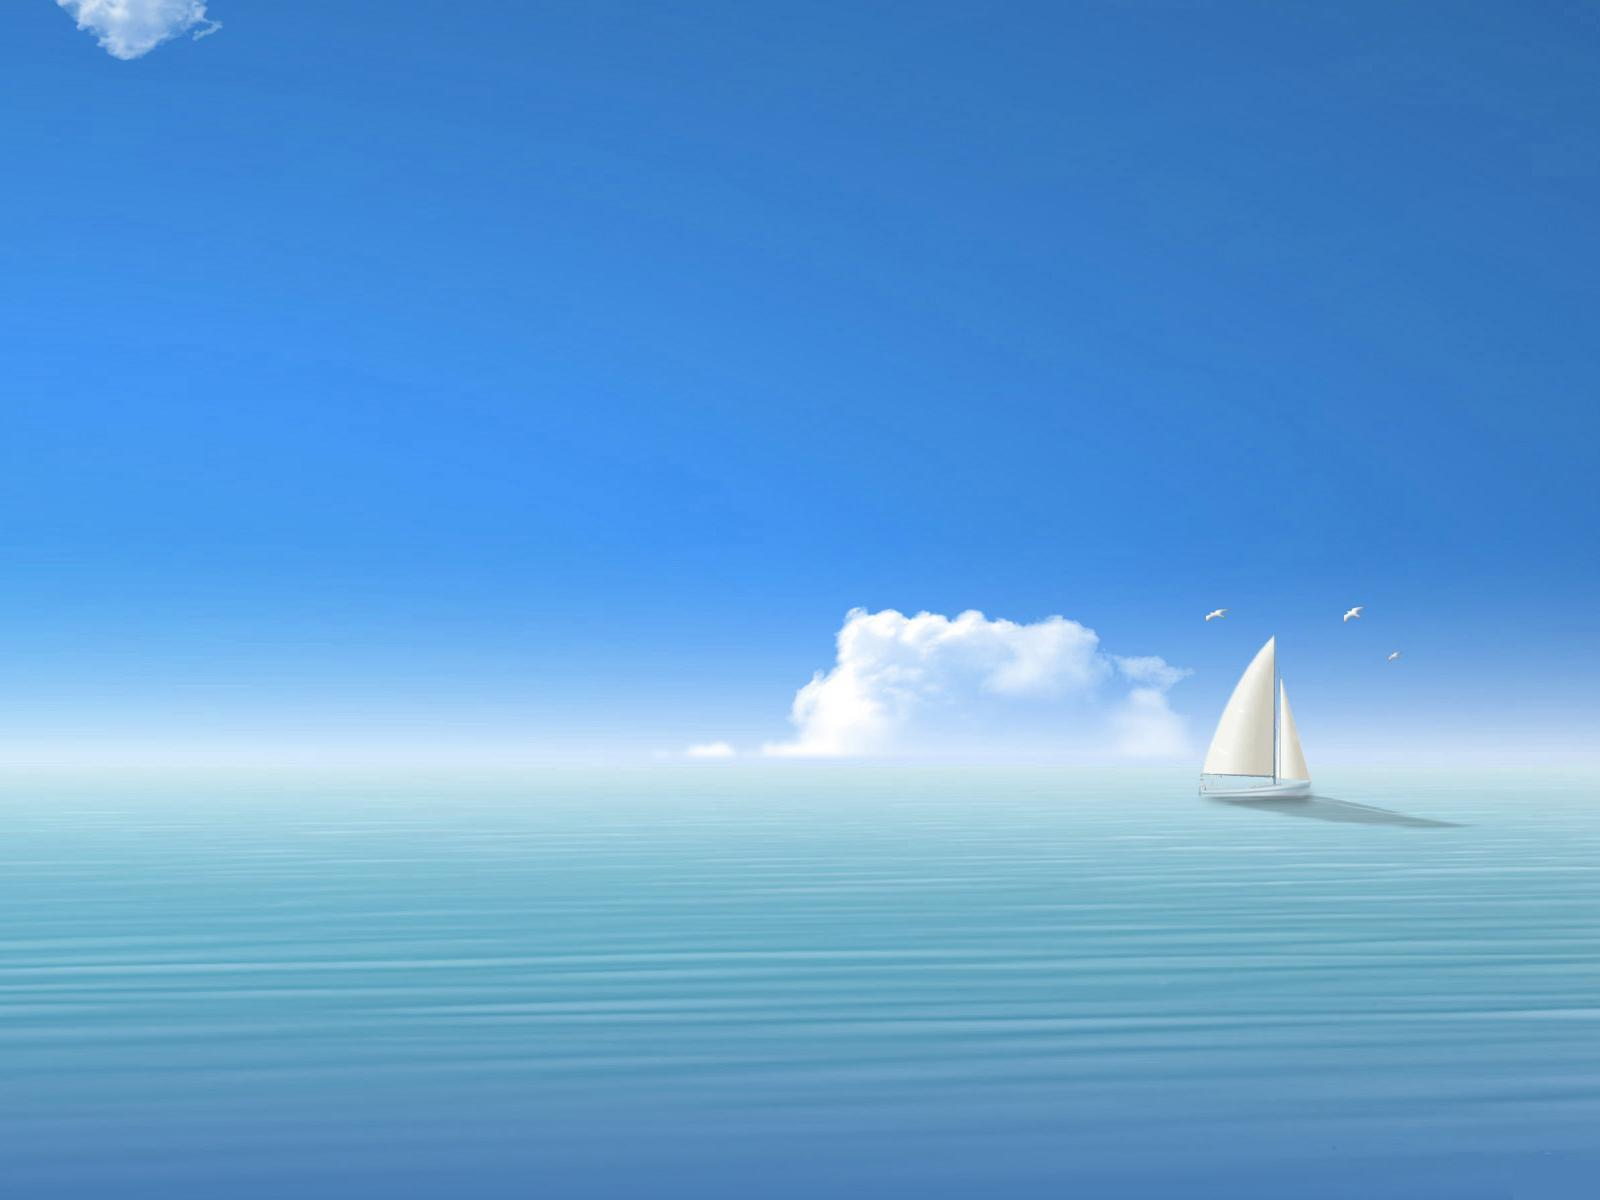 22333 скачать обои Пейзаж, Корабли, Море, Облака, Рисунки - заставки и картинки бесплатно